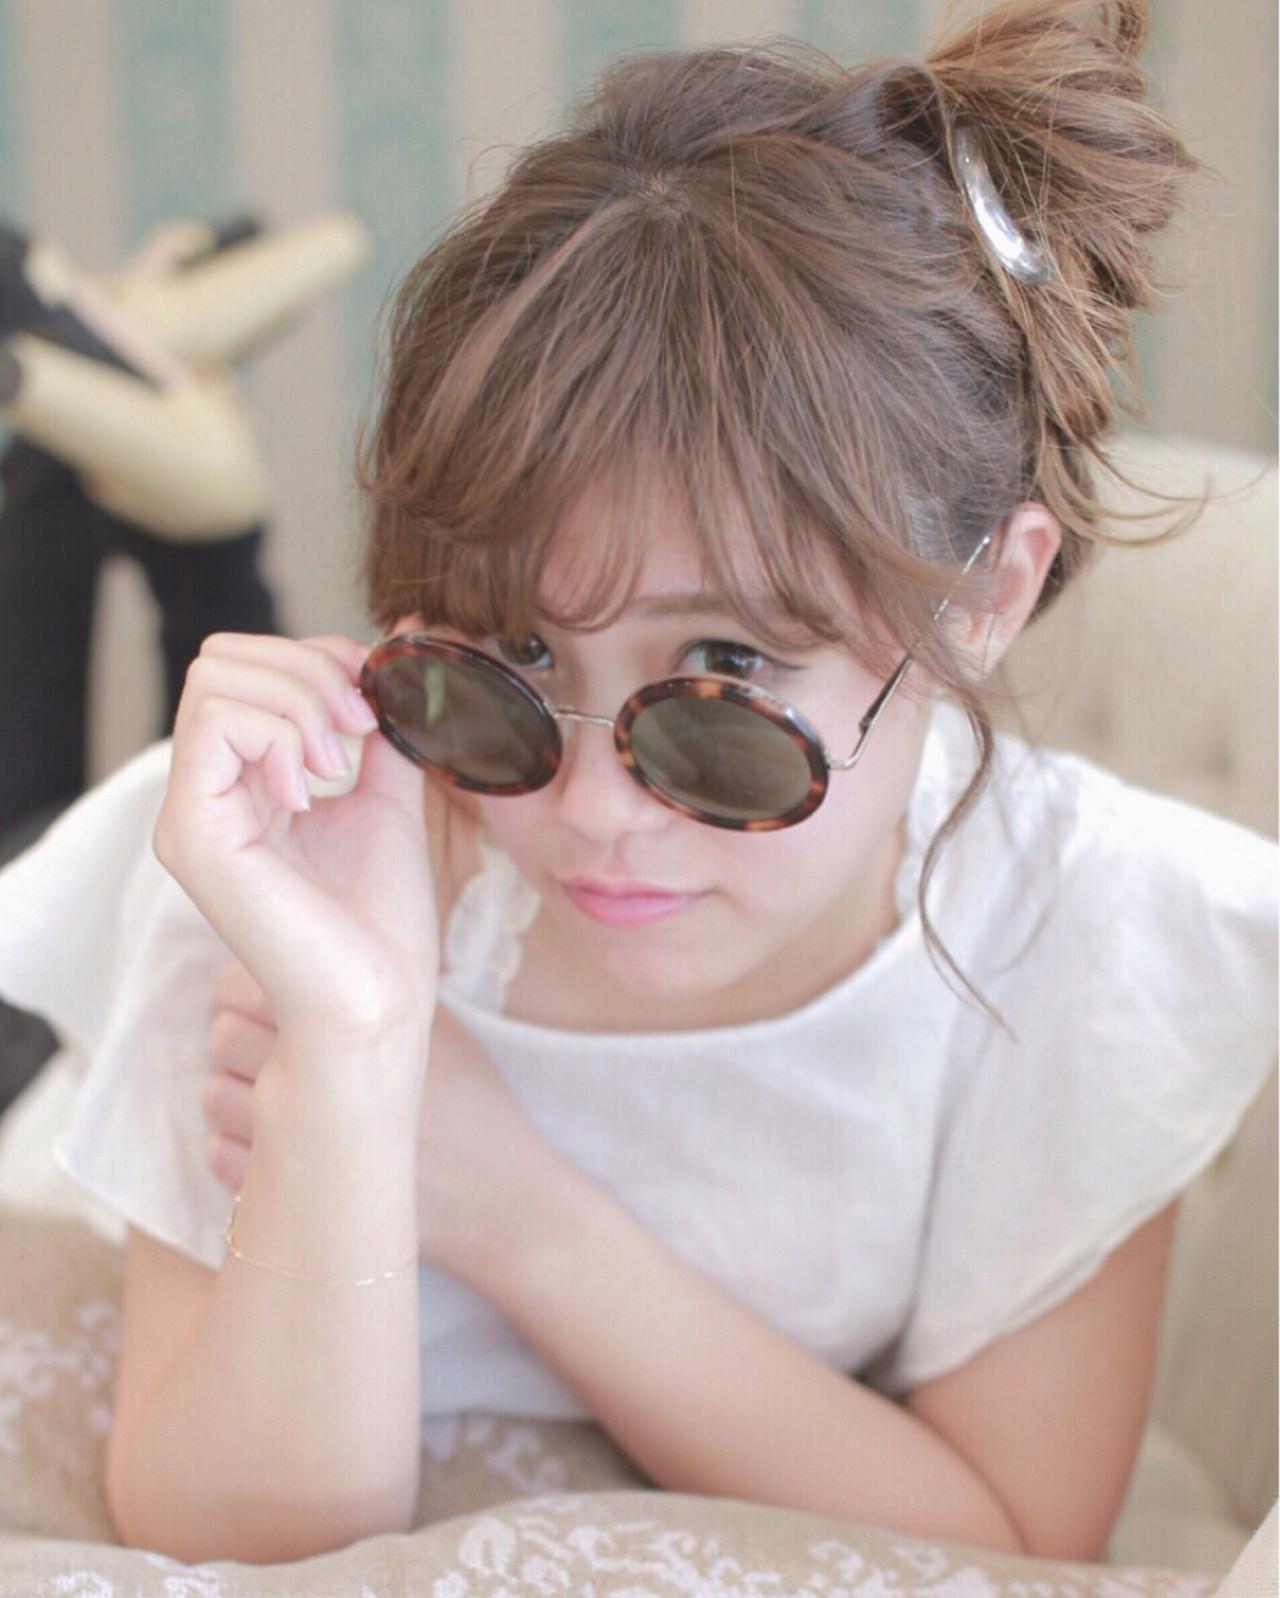 ルーズ ゆるふわ ショート お団子 ヘアスタイルや髪型の写真・画像 | Seiya hishiki / luccica paris